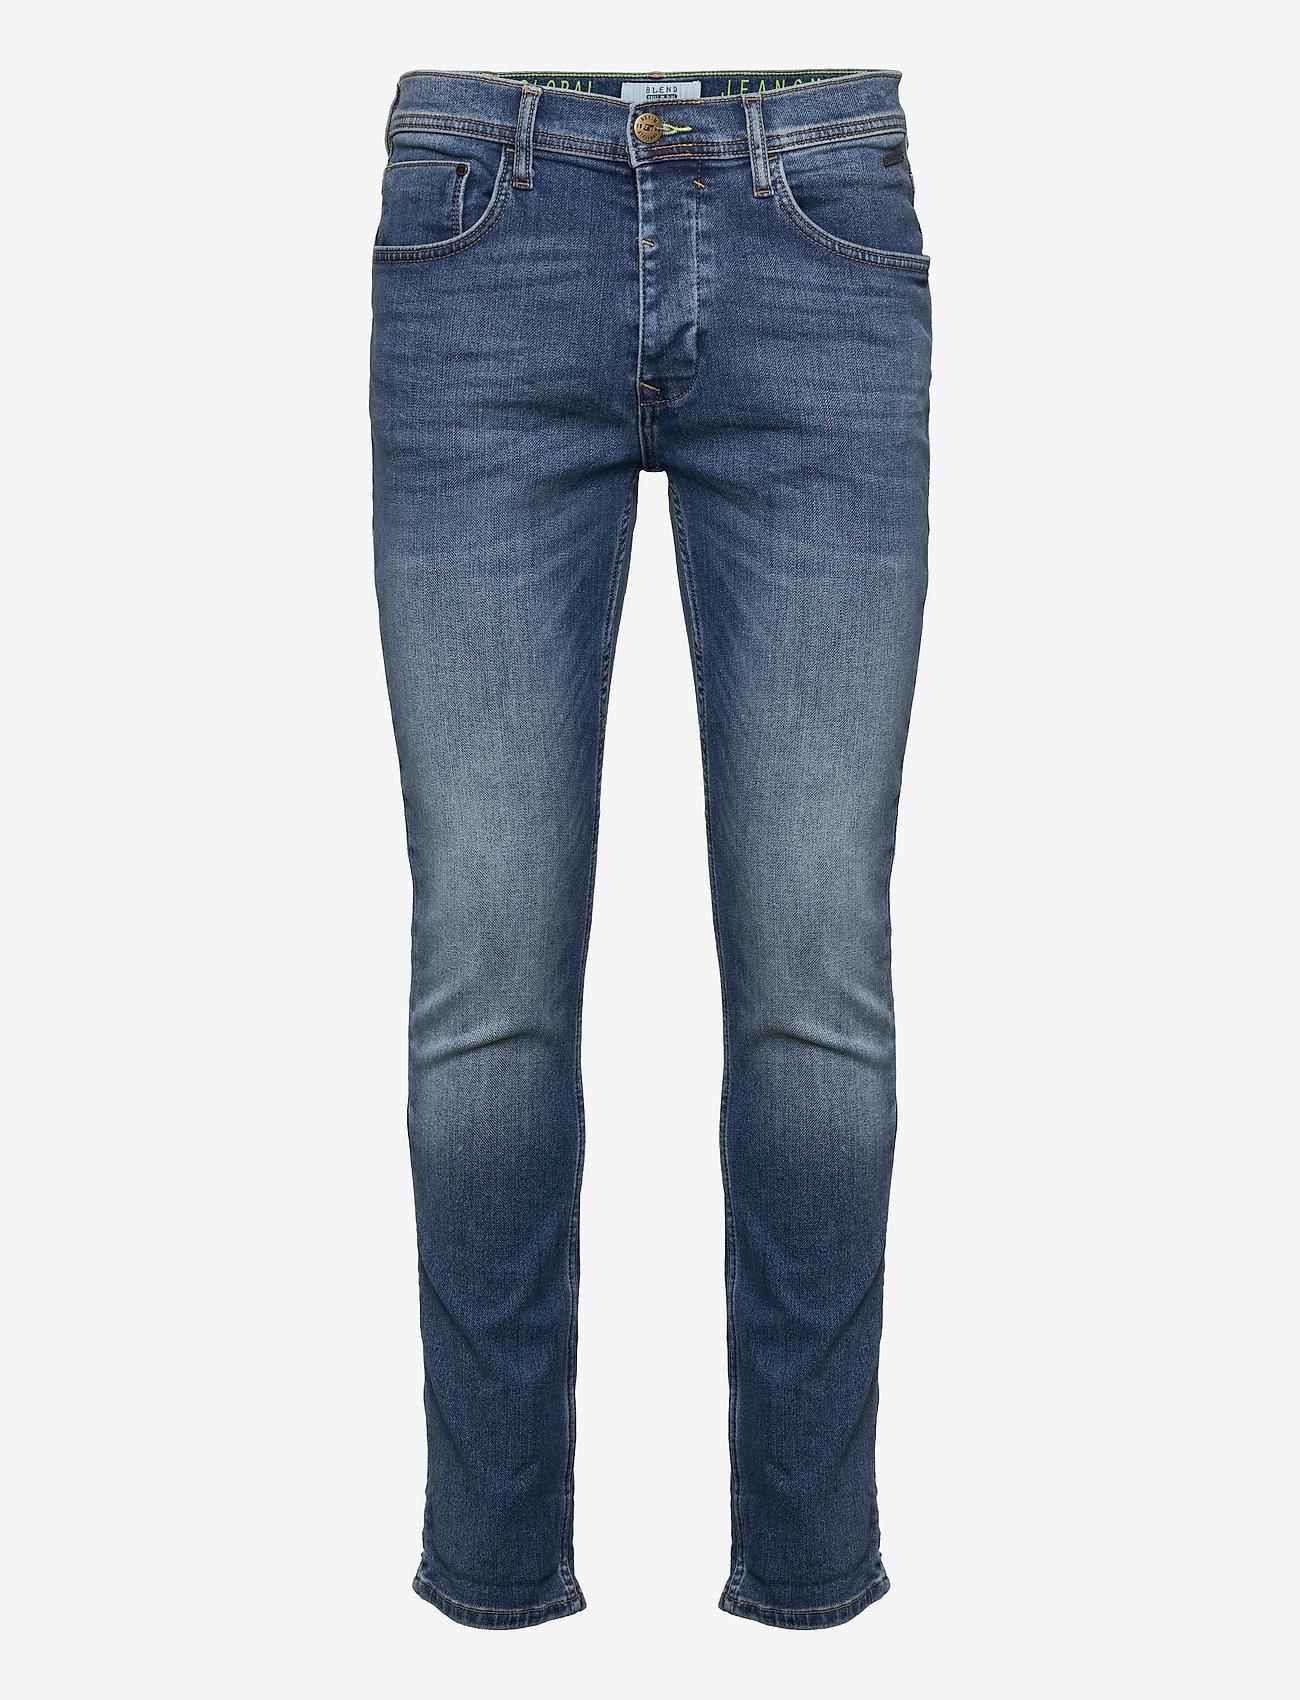 Blend - Twister fit Jogg - NOOS Jeans - slim jeans - denim middle blue - 0